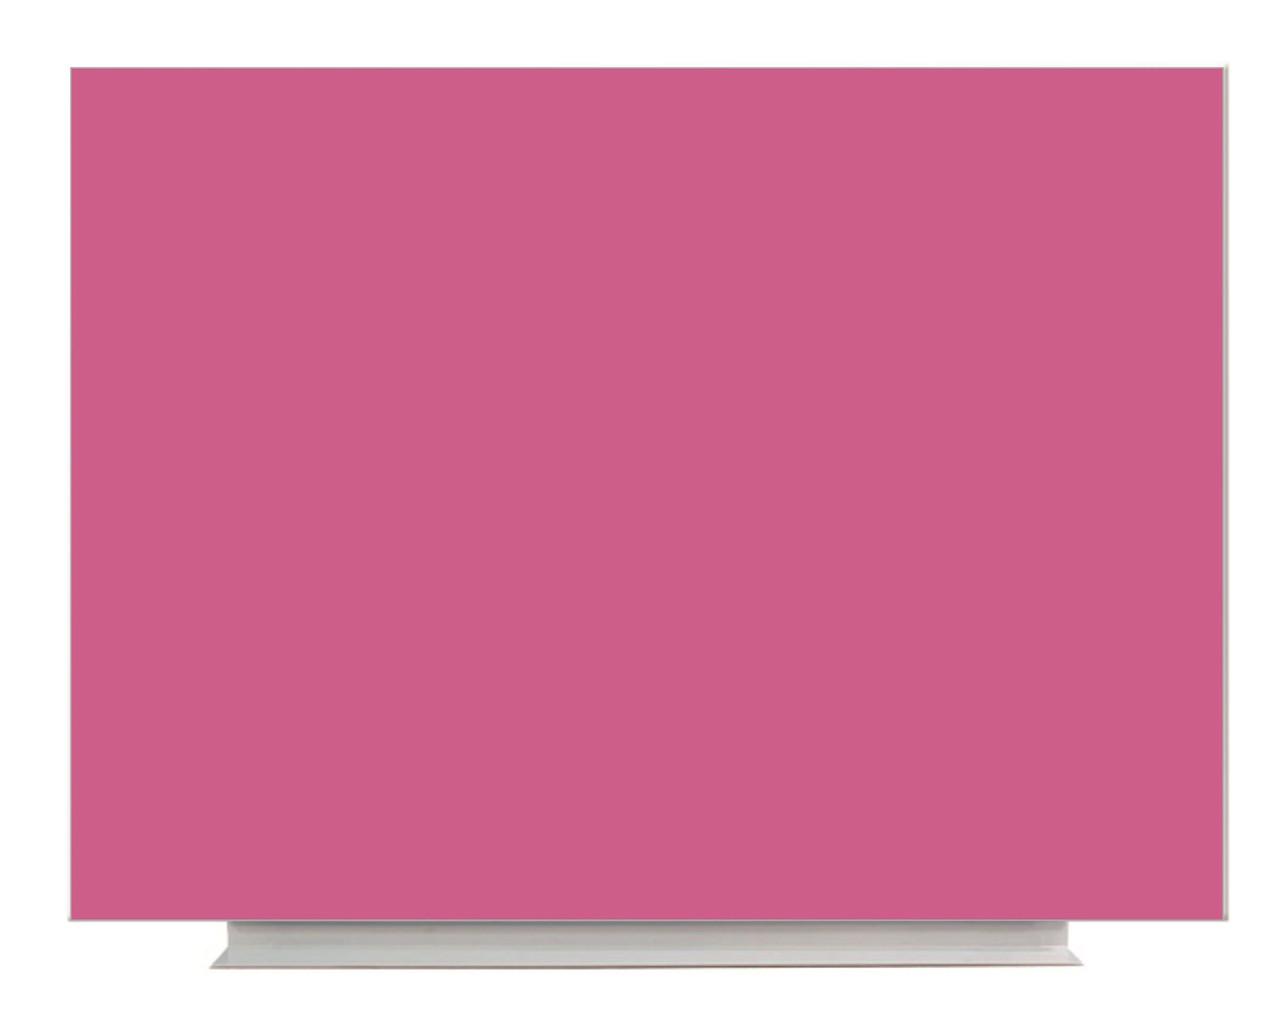 Доска магнитно-маркерная б/р 90x120 Розовый